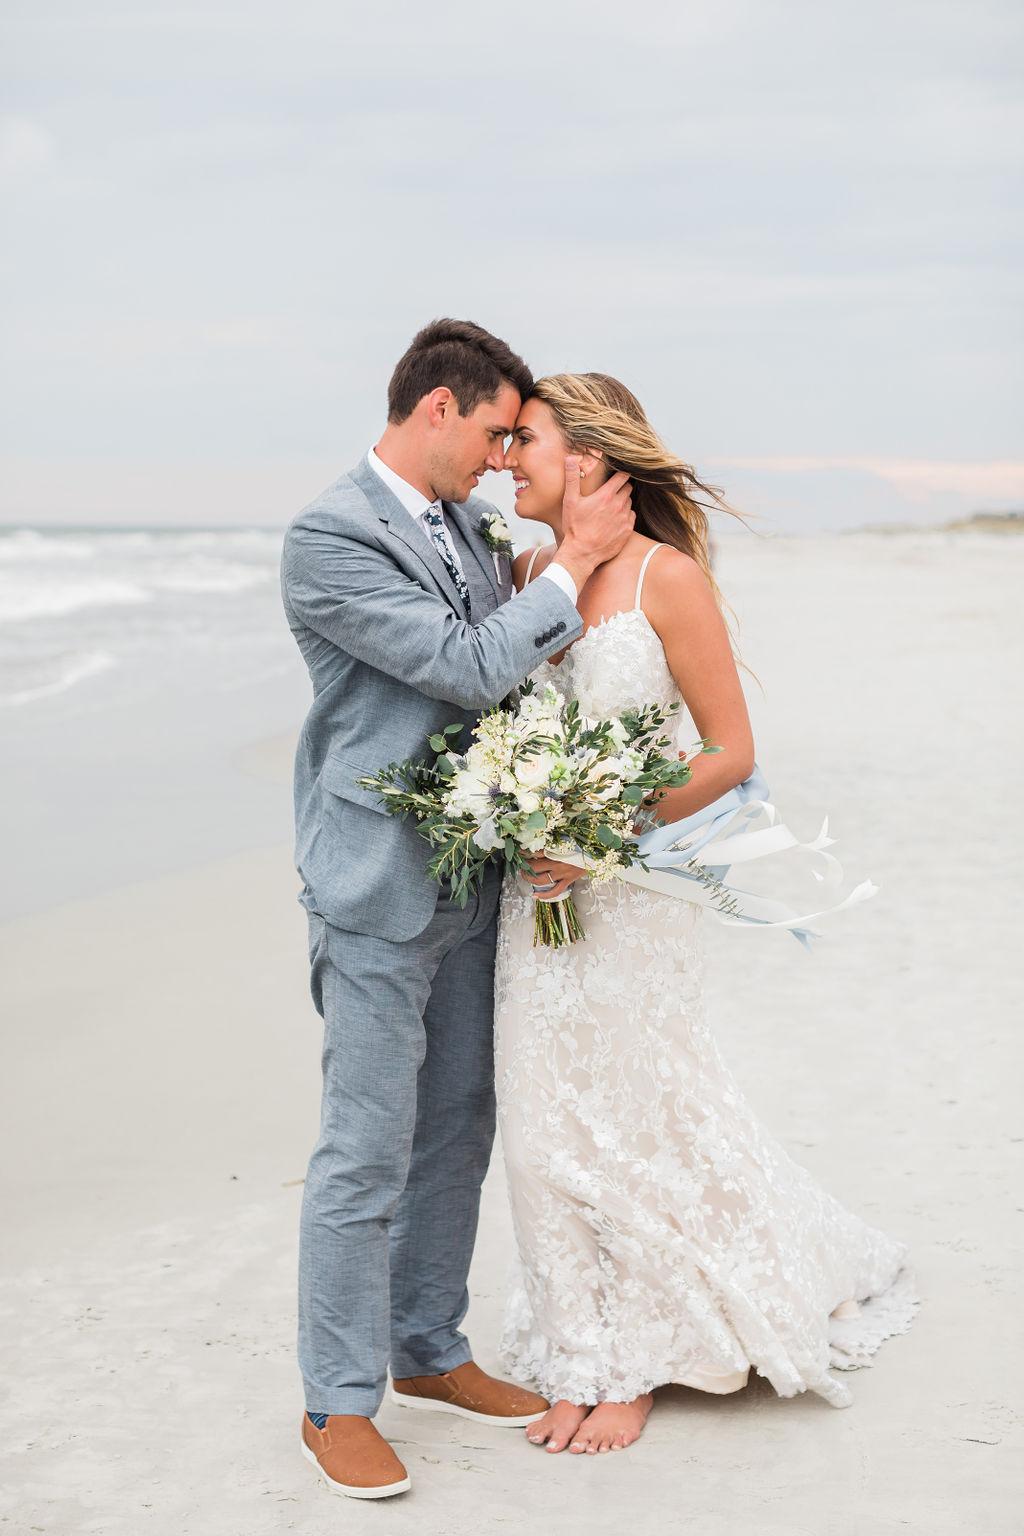 omni-hilton-head-wedding-19.jpg